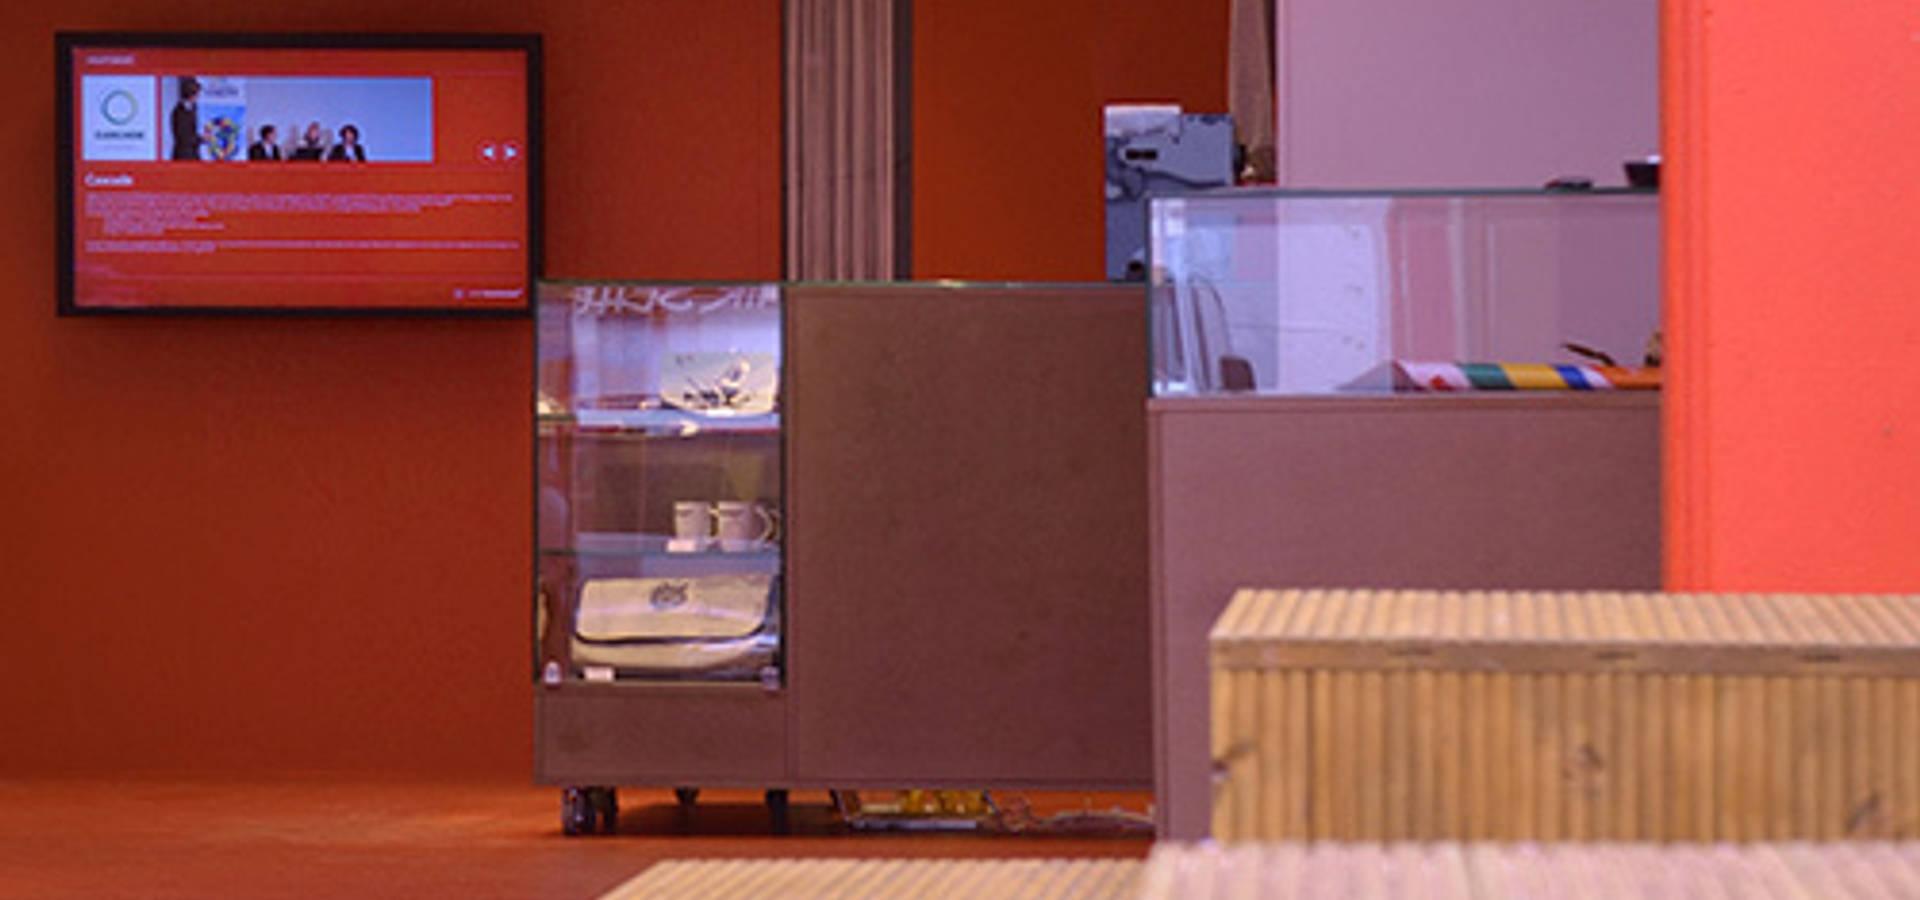 eben architektur frankfurt mannheim architekten in. Black Bedroom Furniture Sets. Home Design Ideas